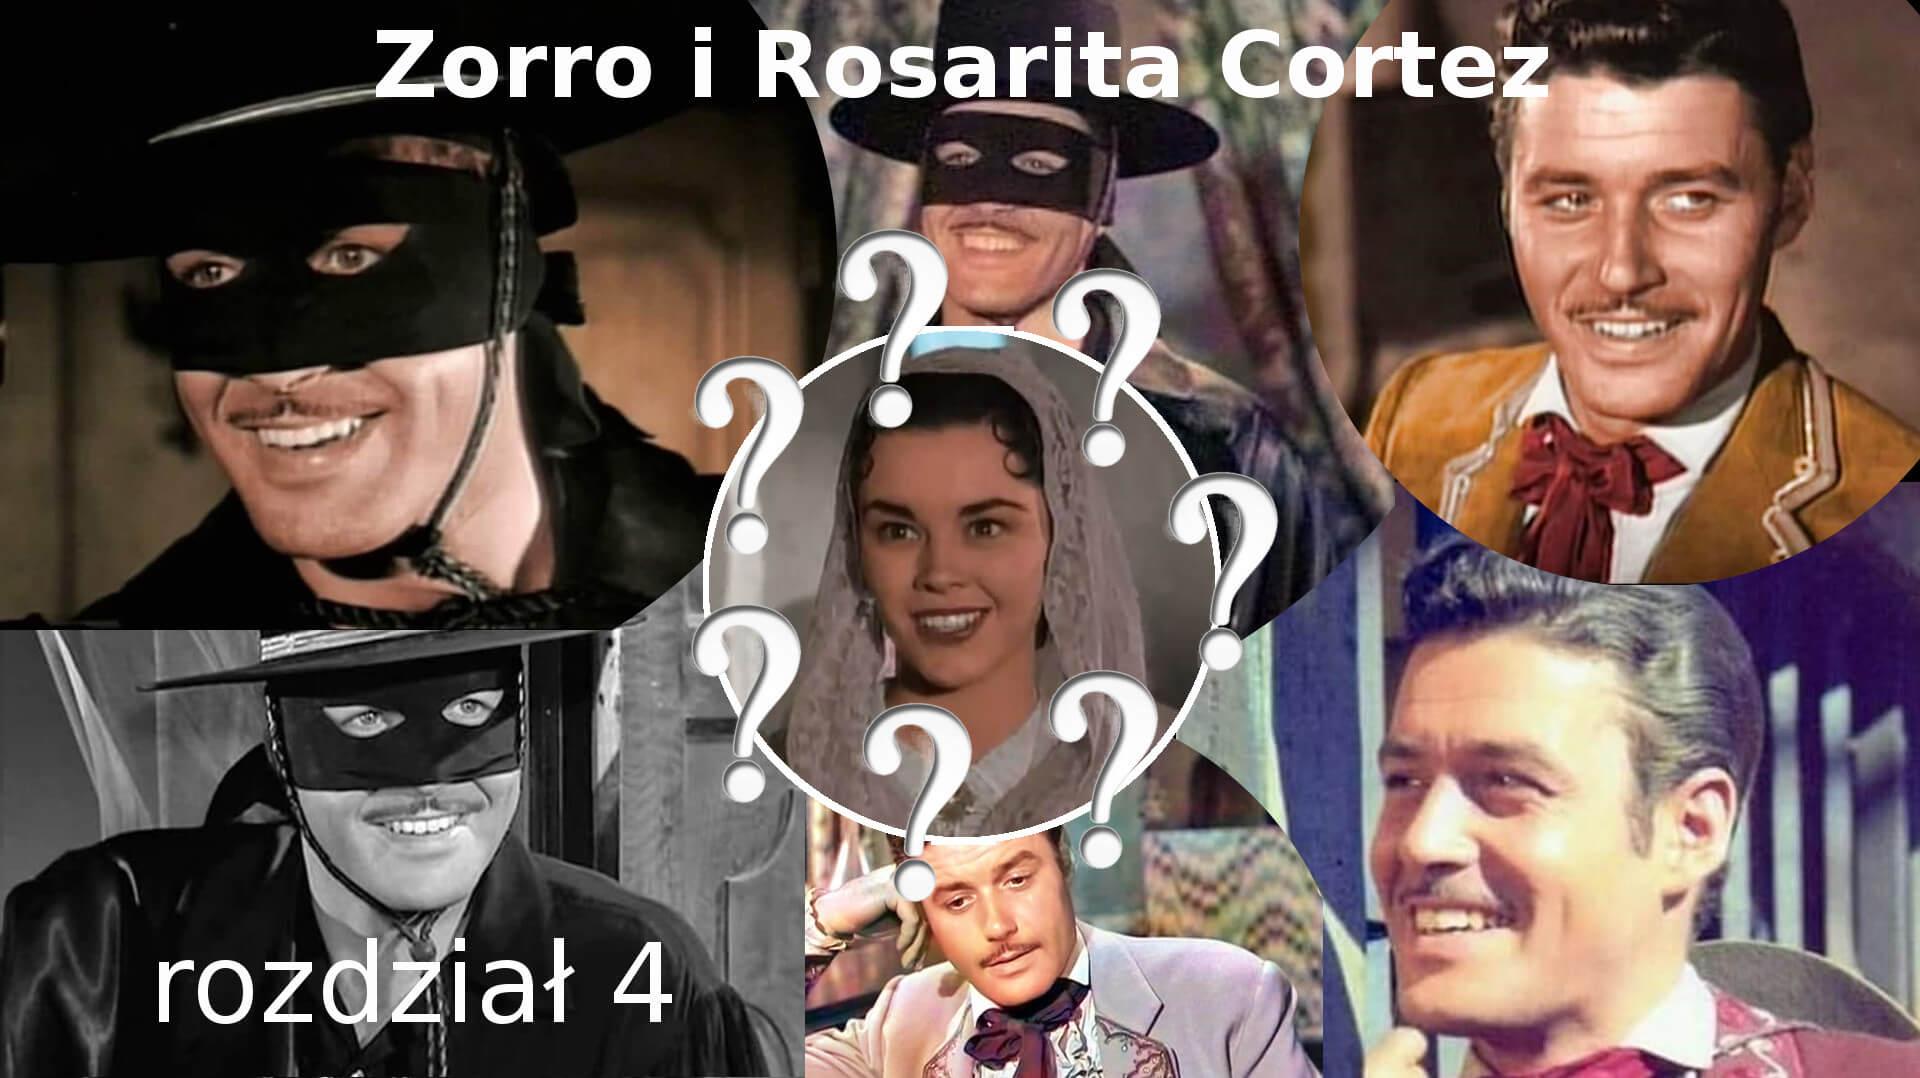 Zorro i Rosarita Cortez rozdział 4 Zorro fanfiction